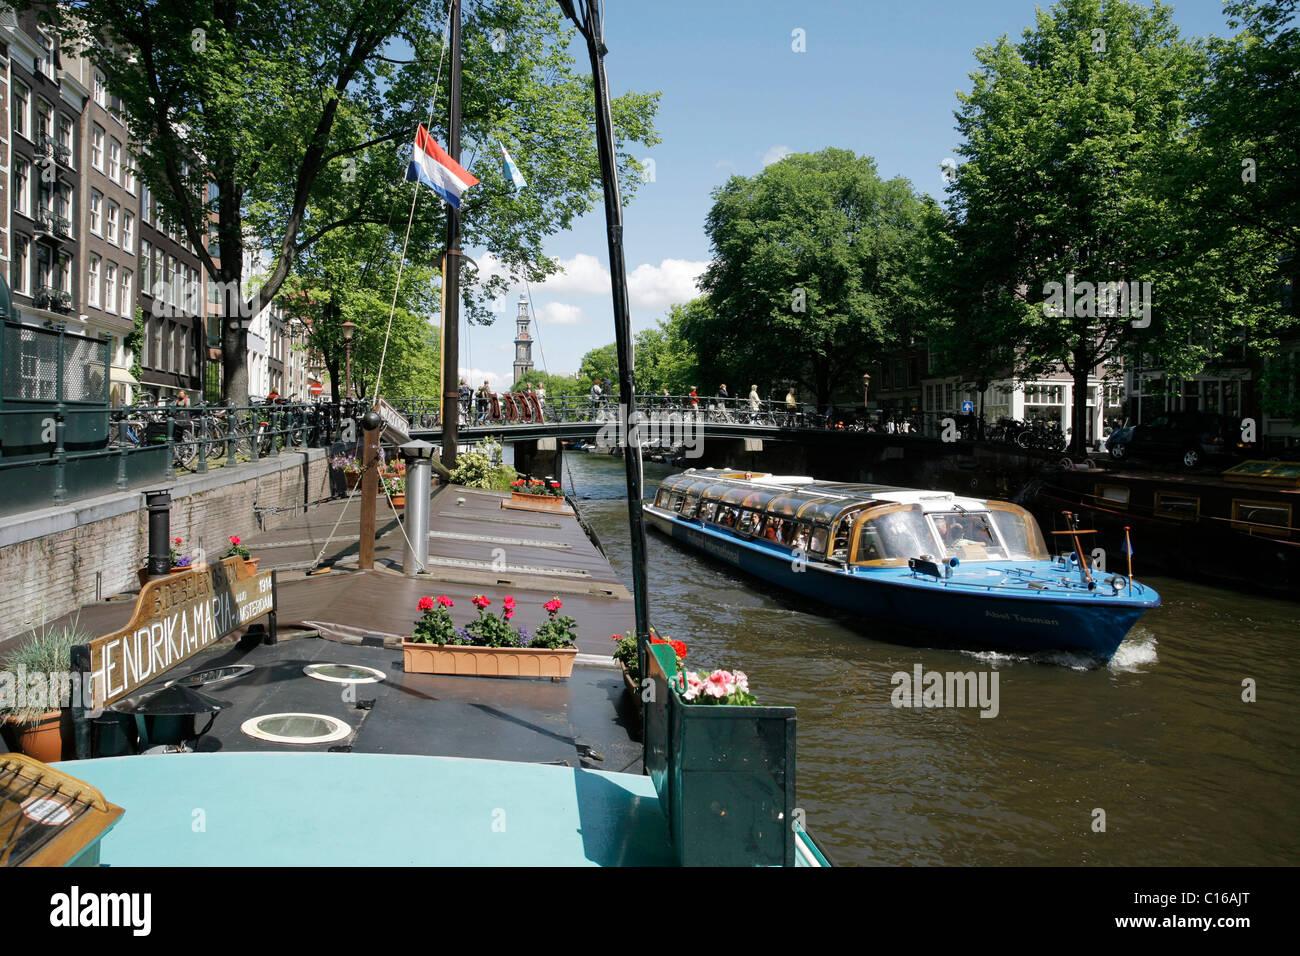 Museum auf einem Hausboot berechtigt Hendrika Maria, Prinsengracht, Amsterdam, Niederlande, Europa Stockbild